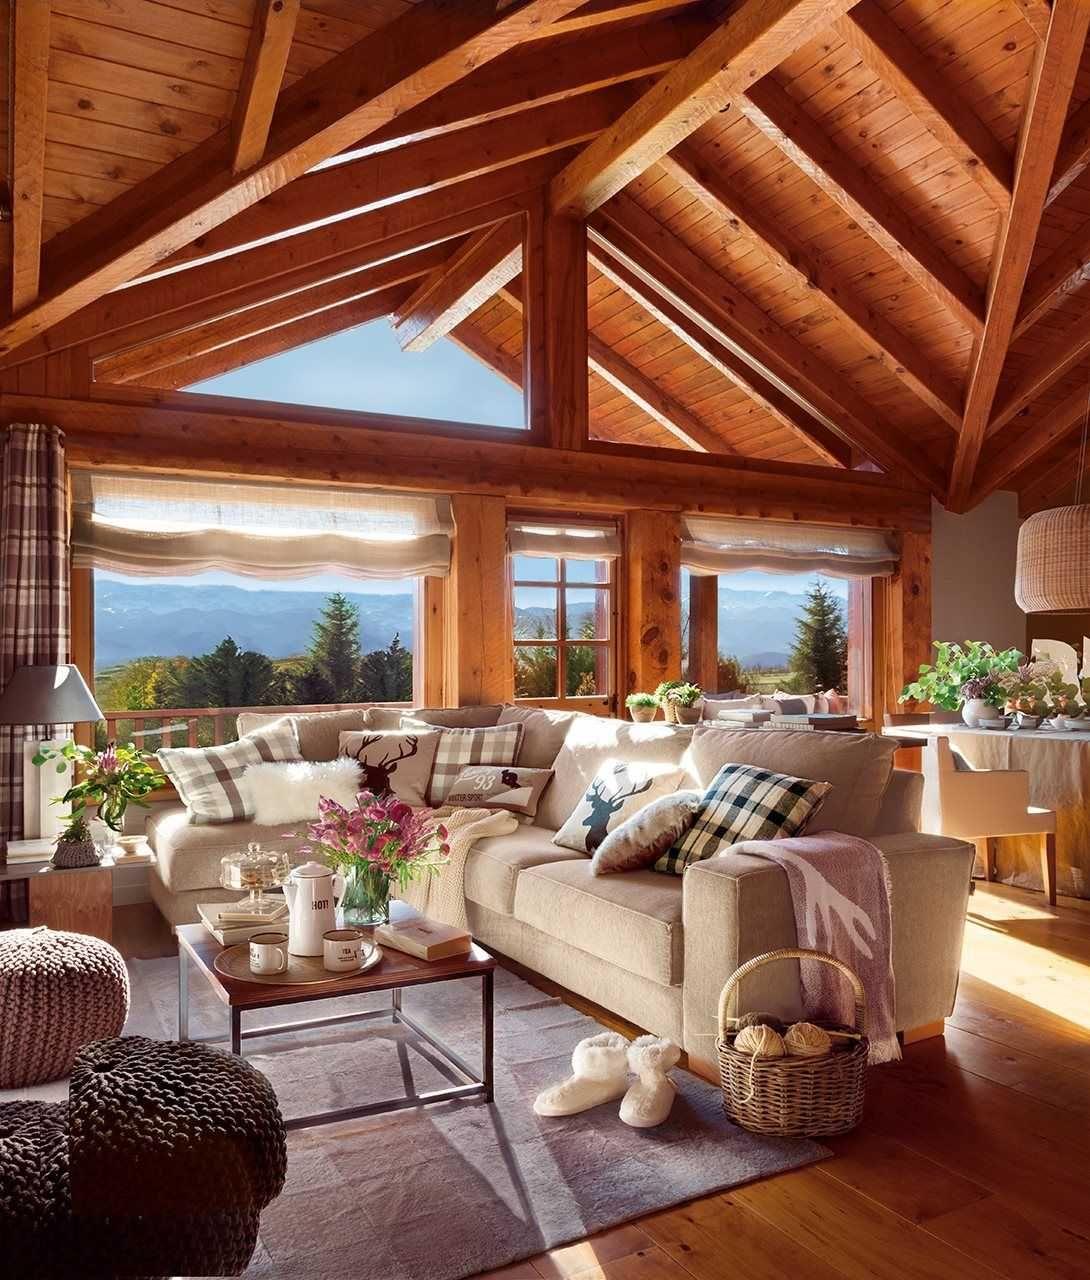 Casas de madera por dentro decoracion planos translation - Casas de campo por dentro ...